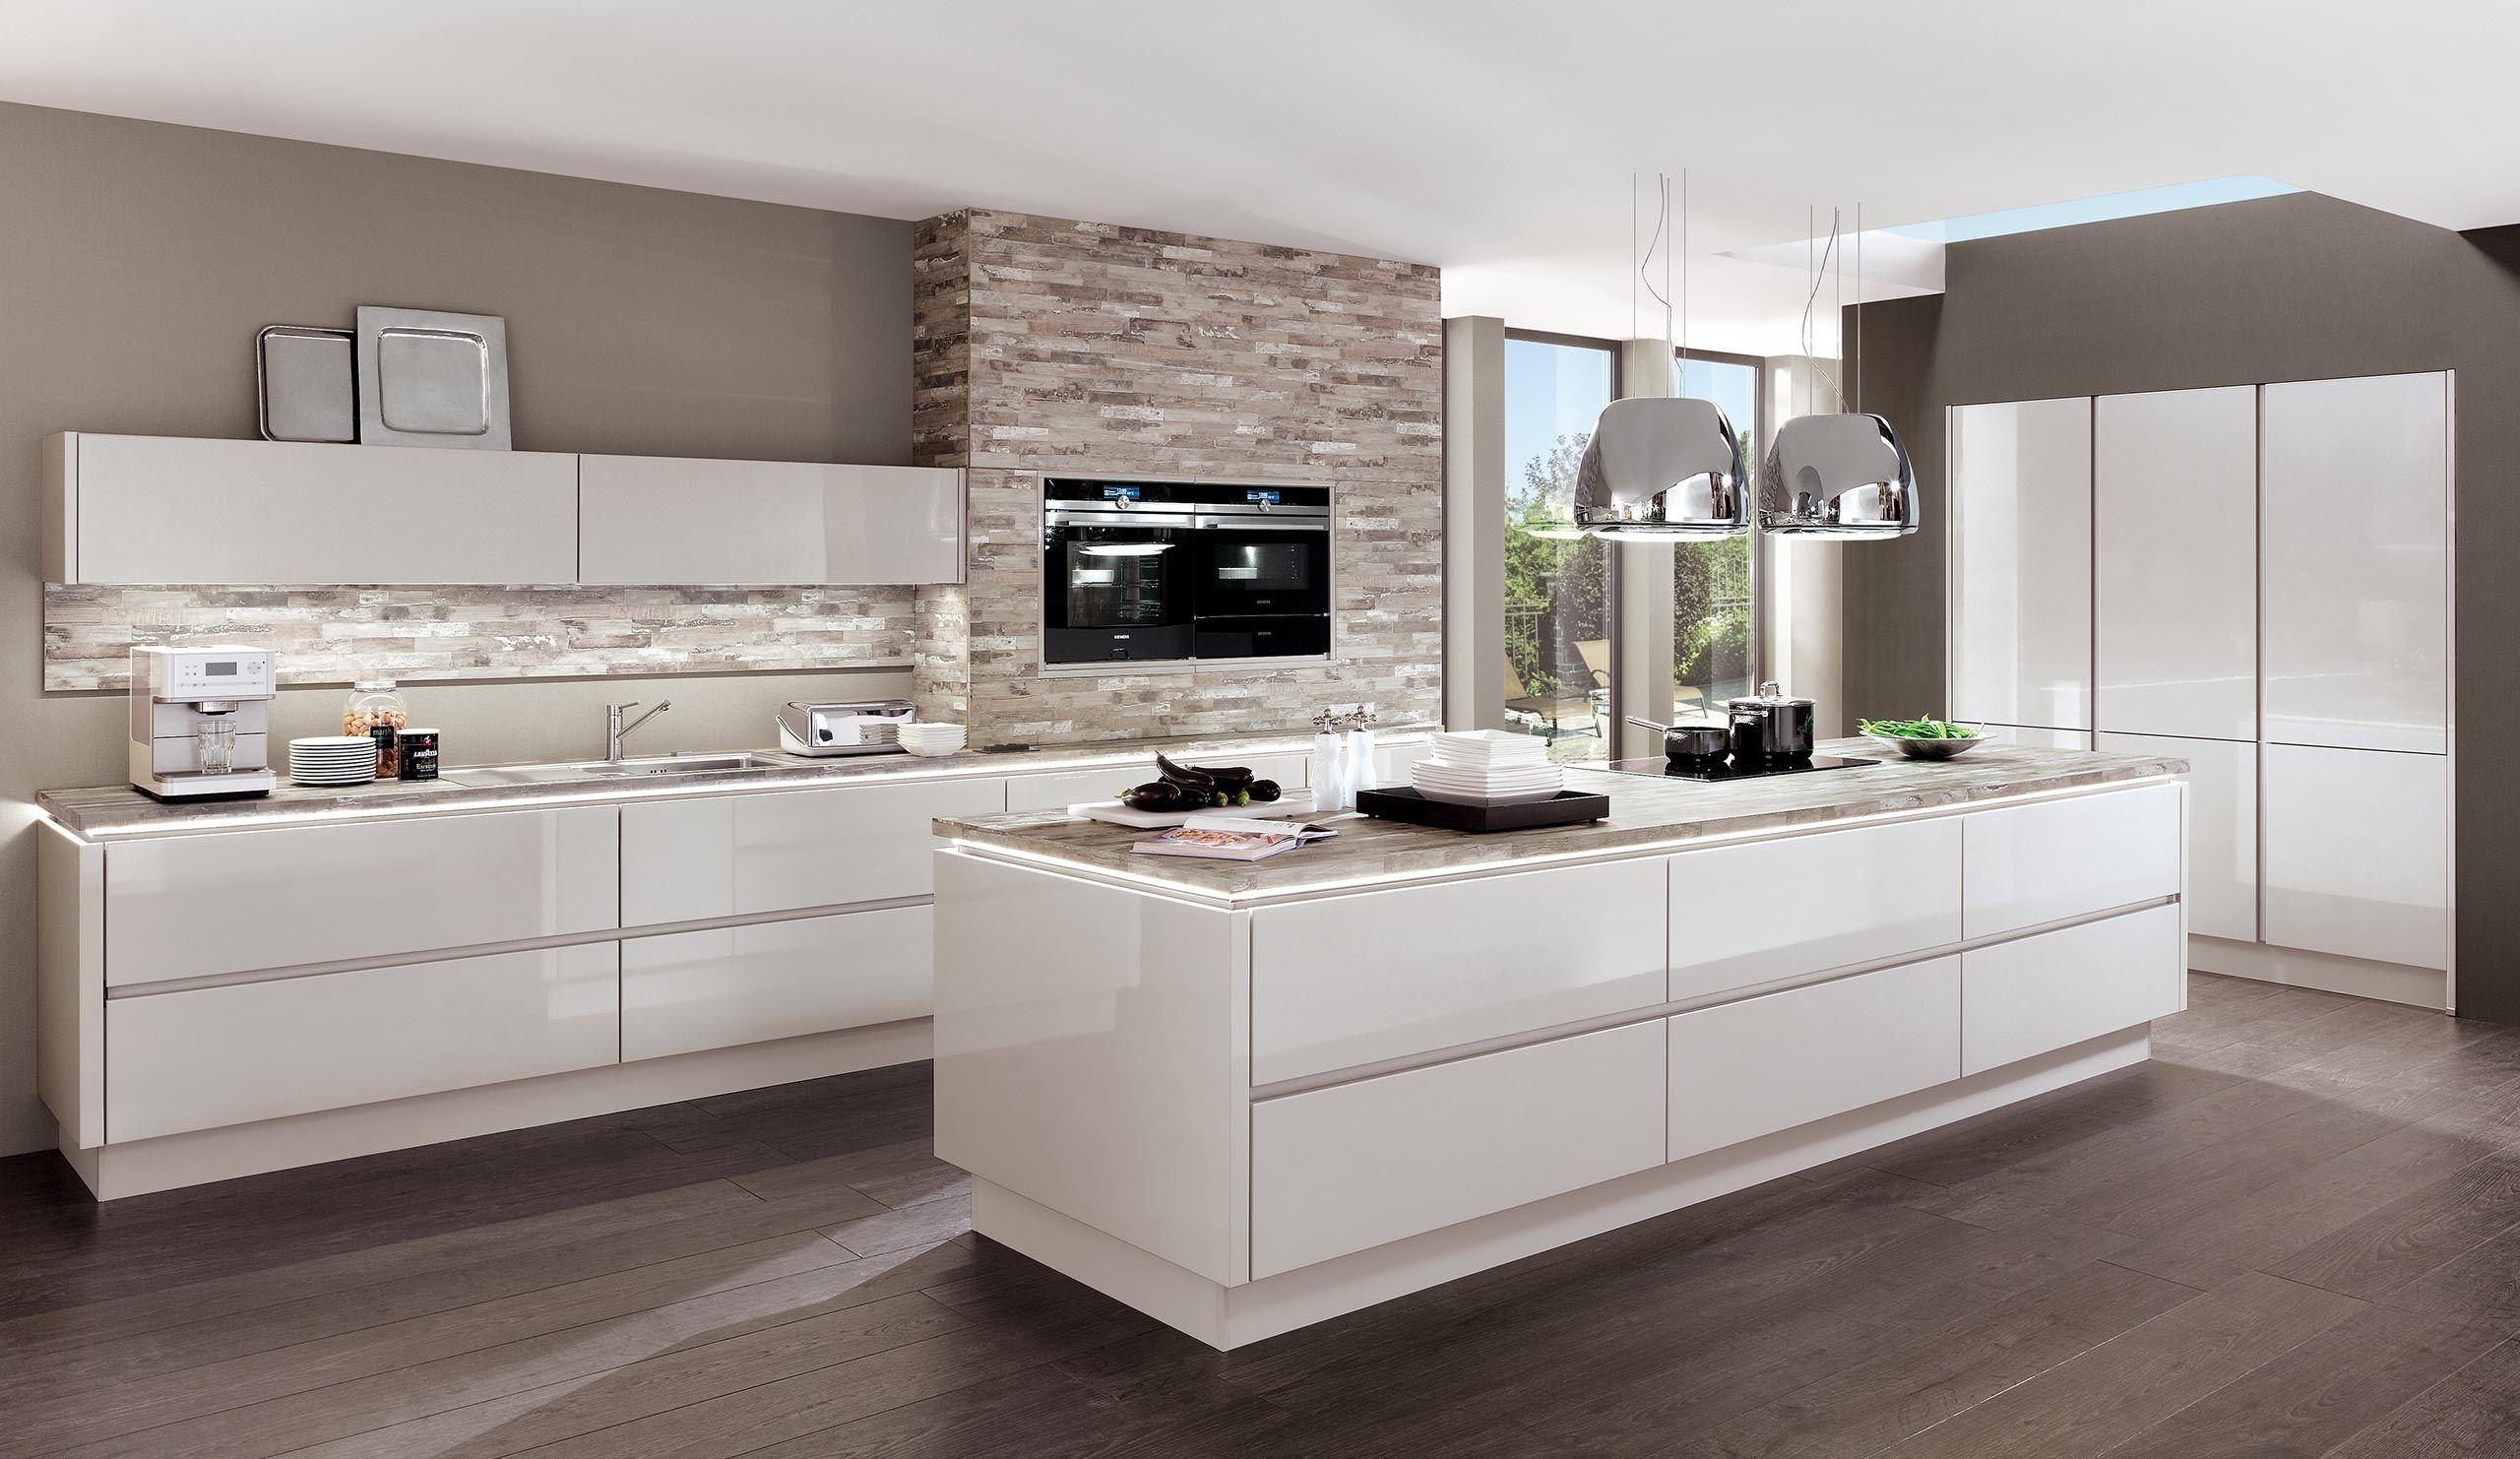 Wunderbar Design Einbauküche Norina 9555 Weiss Hochglanz Lack